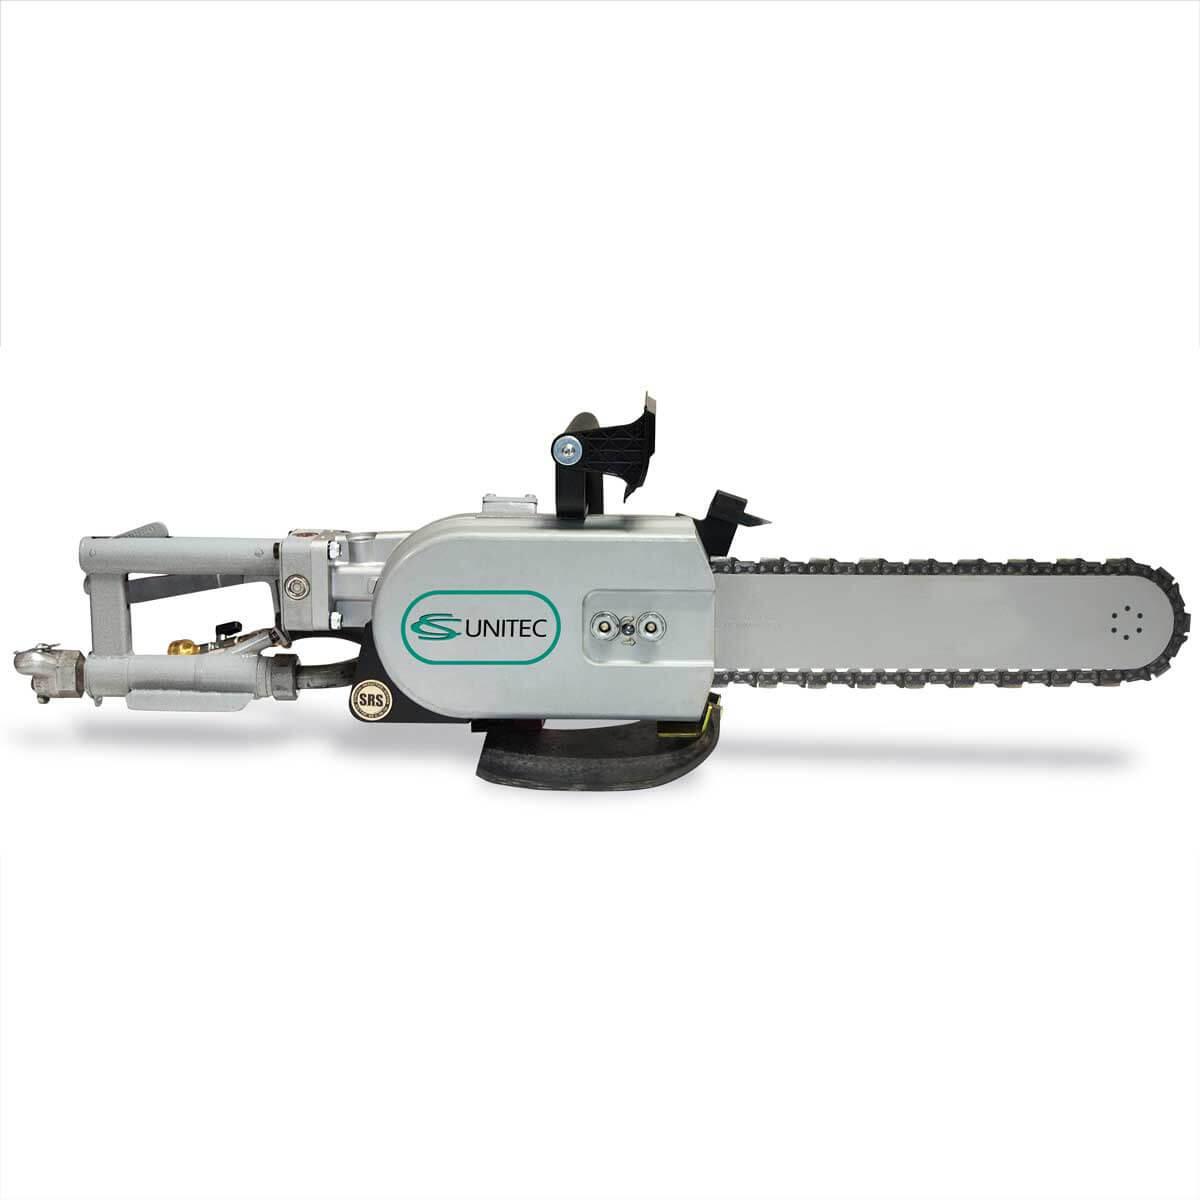 CS Unitec air concrete chain saw